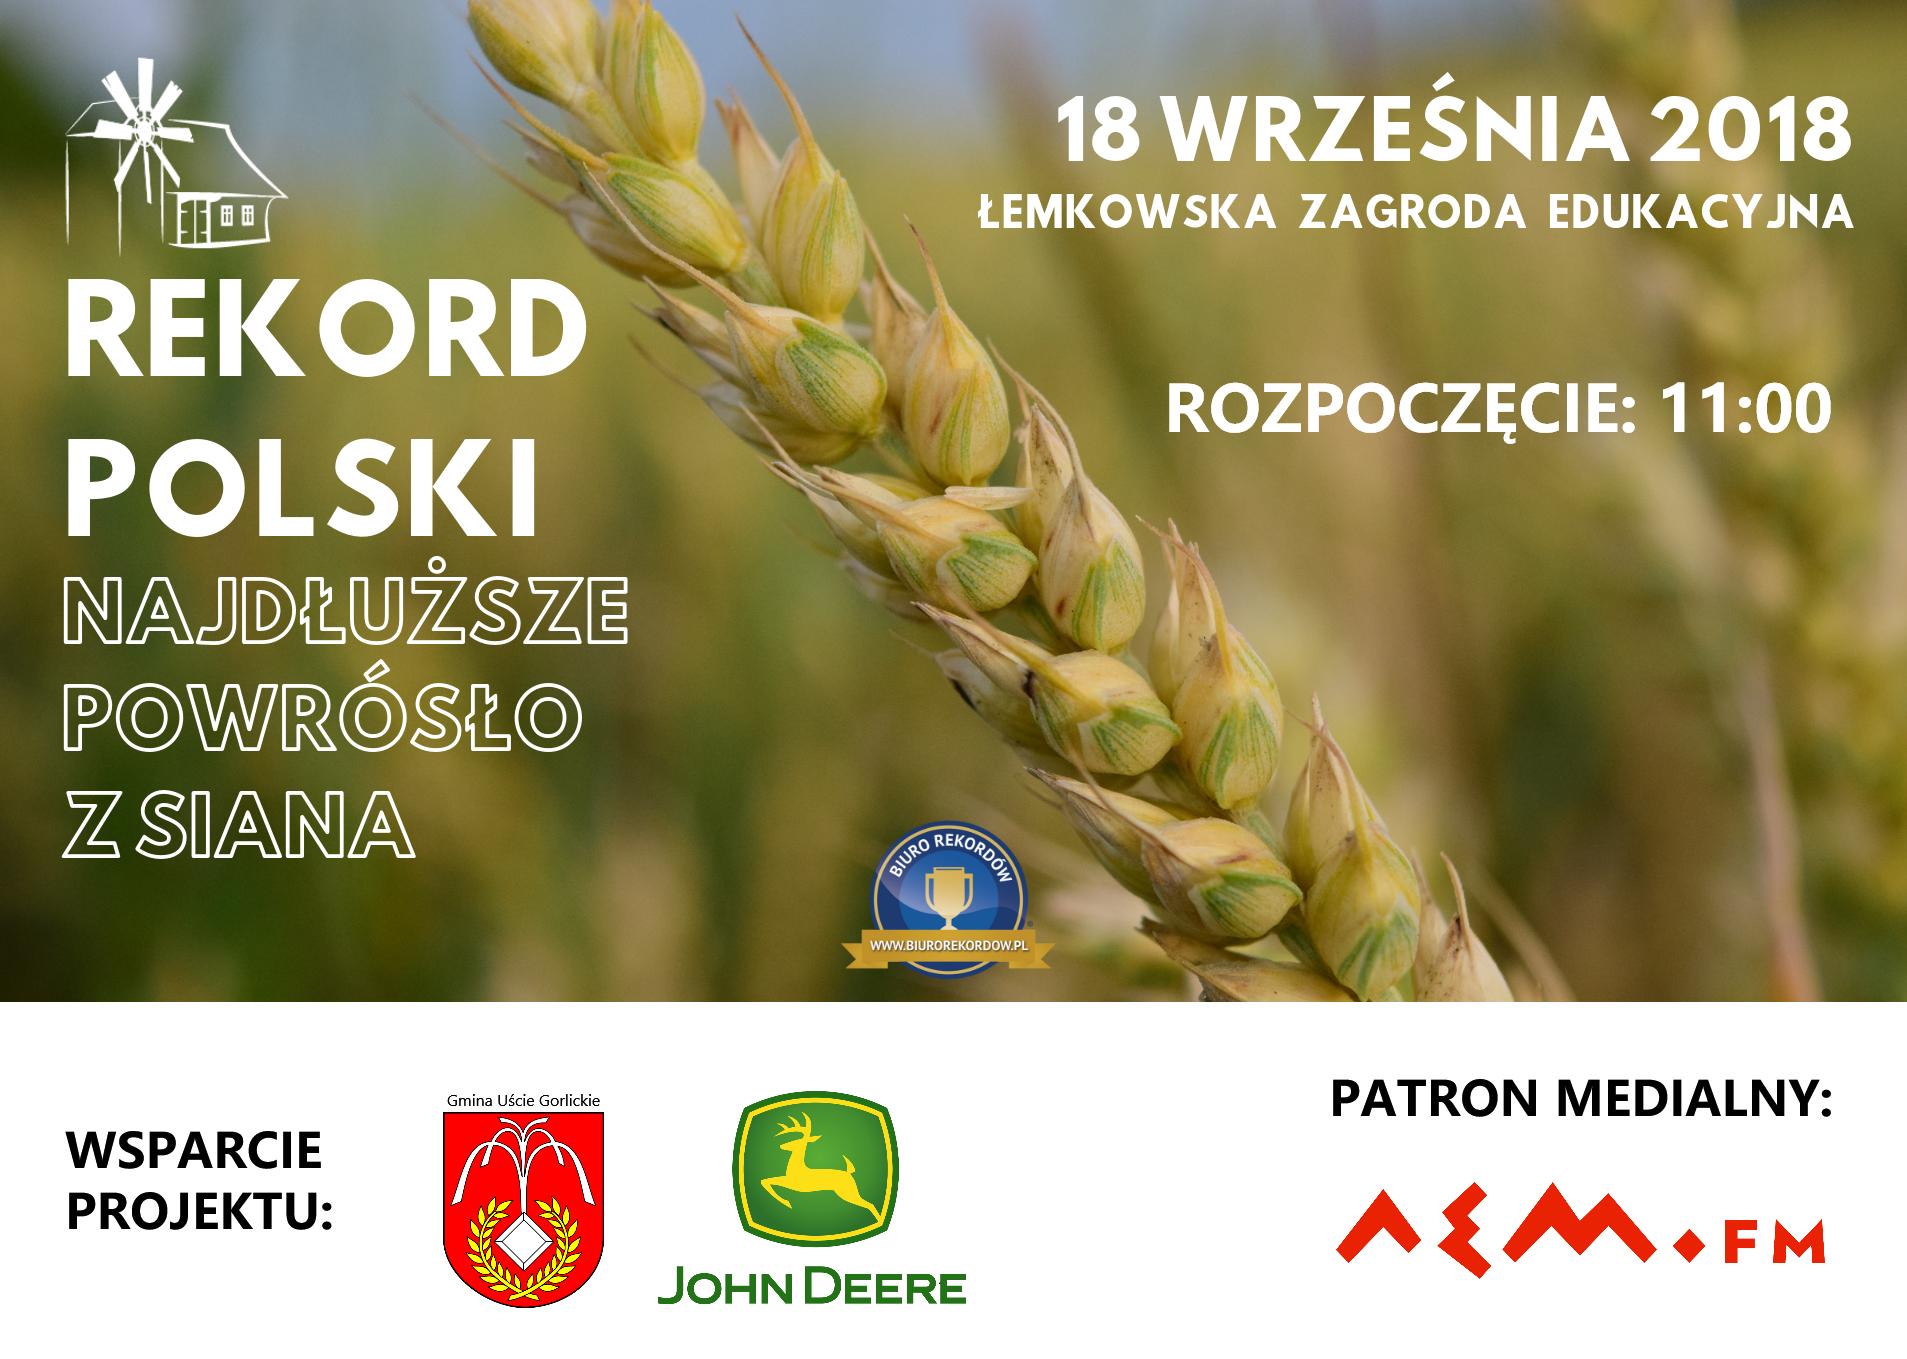 """Bicie Rekordu Polski w kategorii ,,Najdłuższe powrósło z siana"""","""